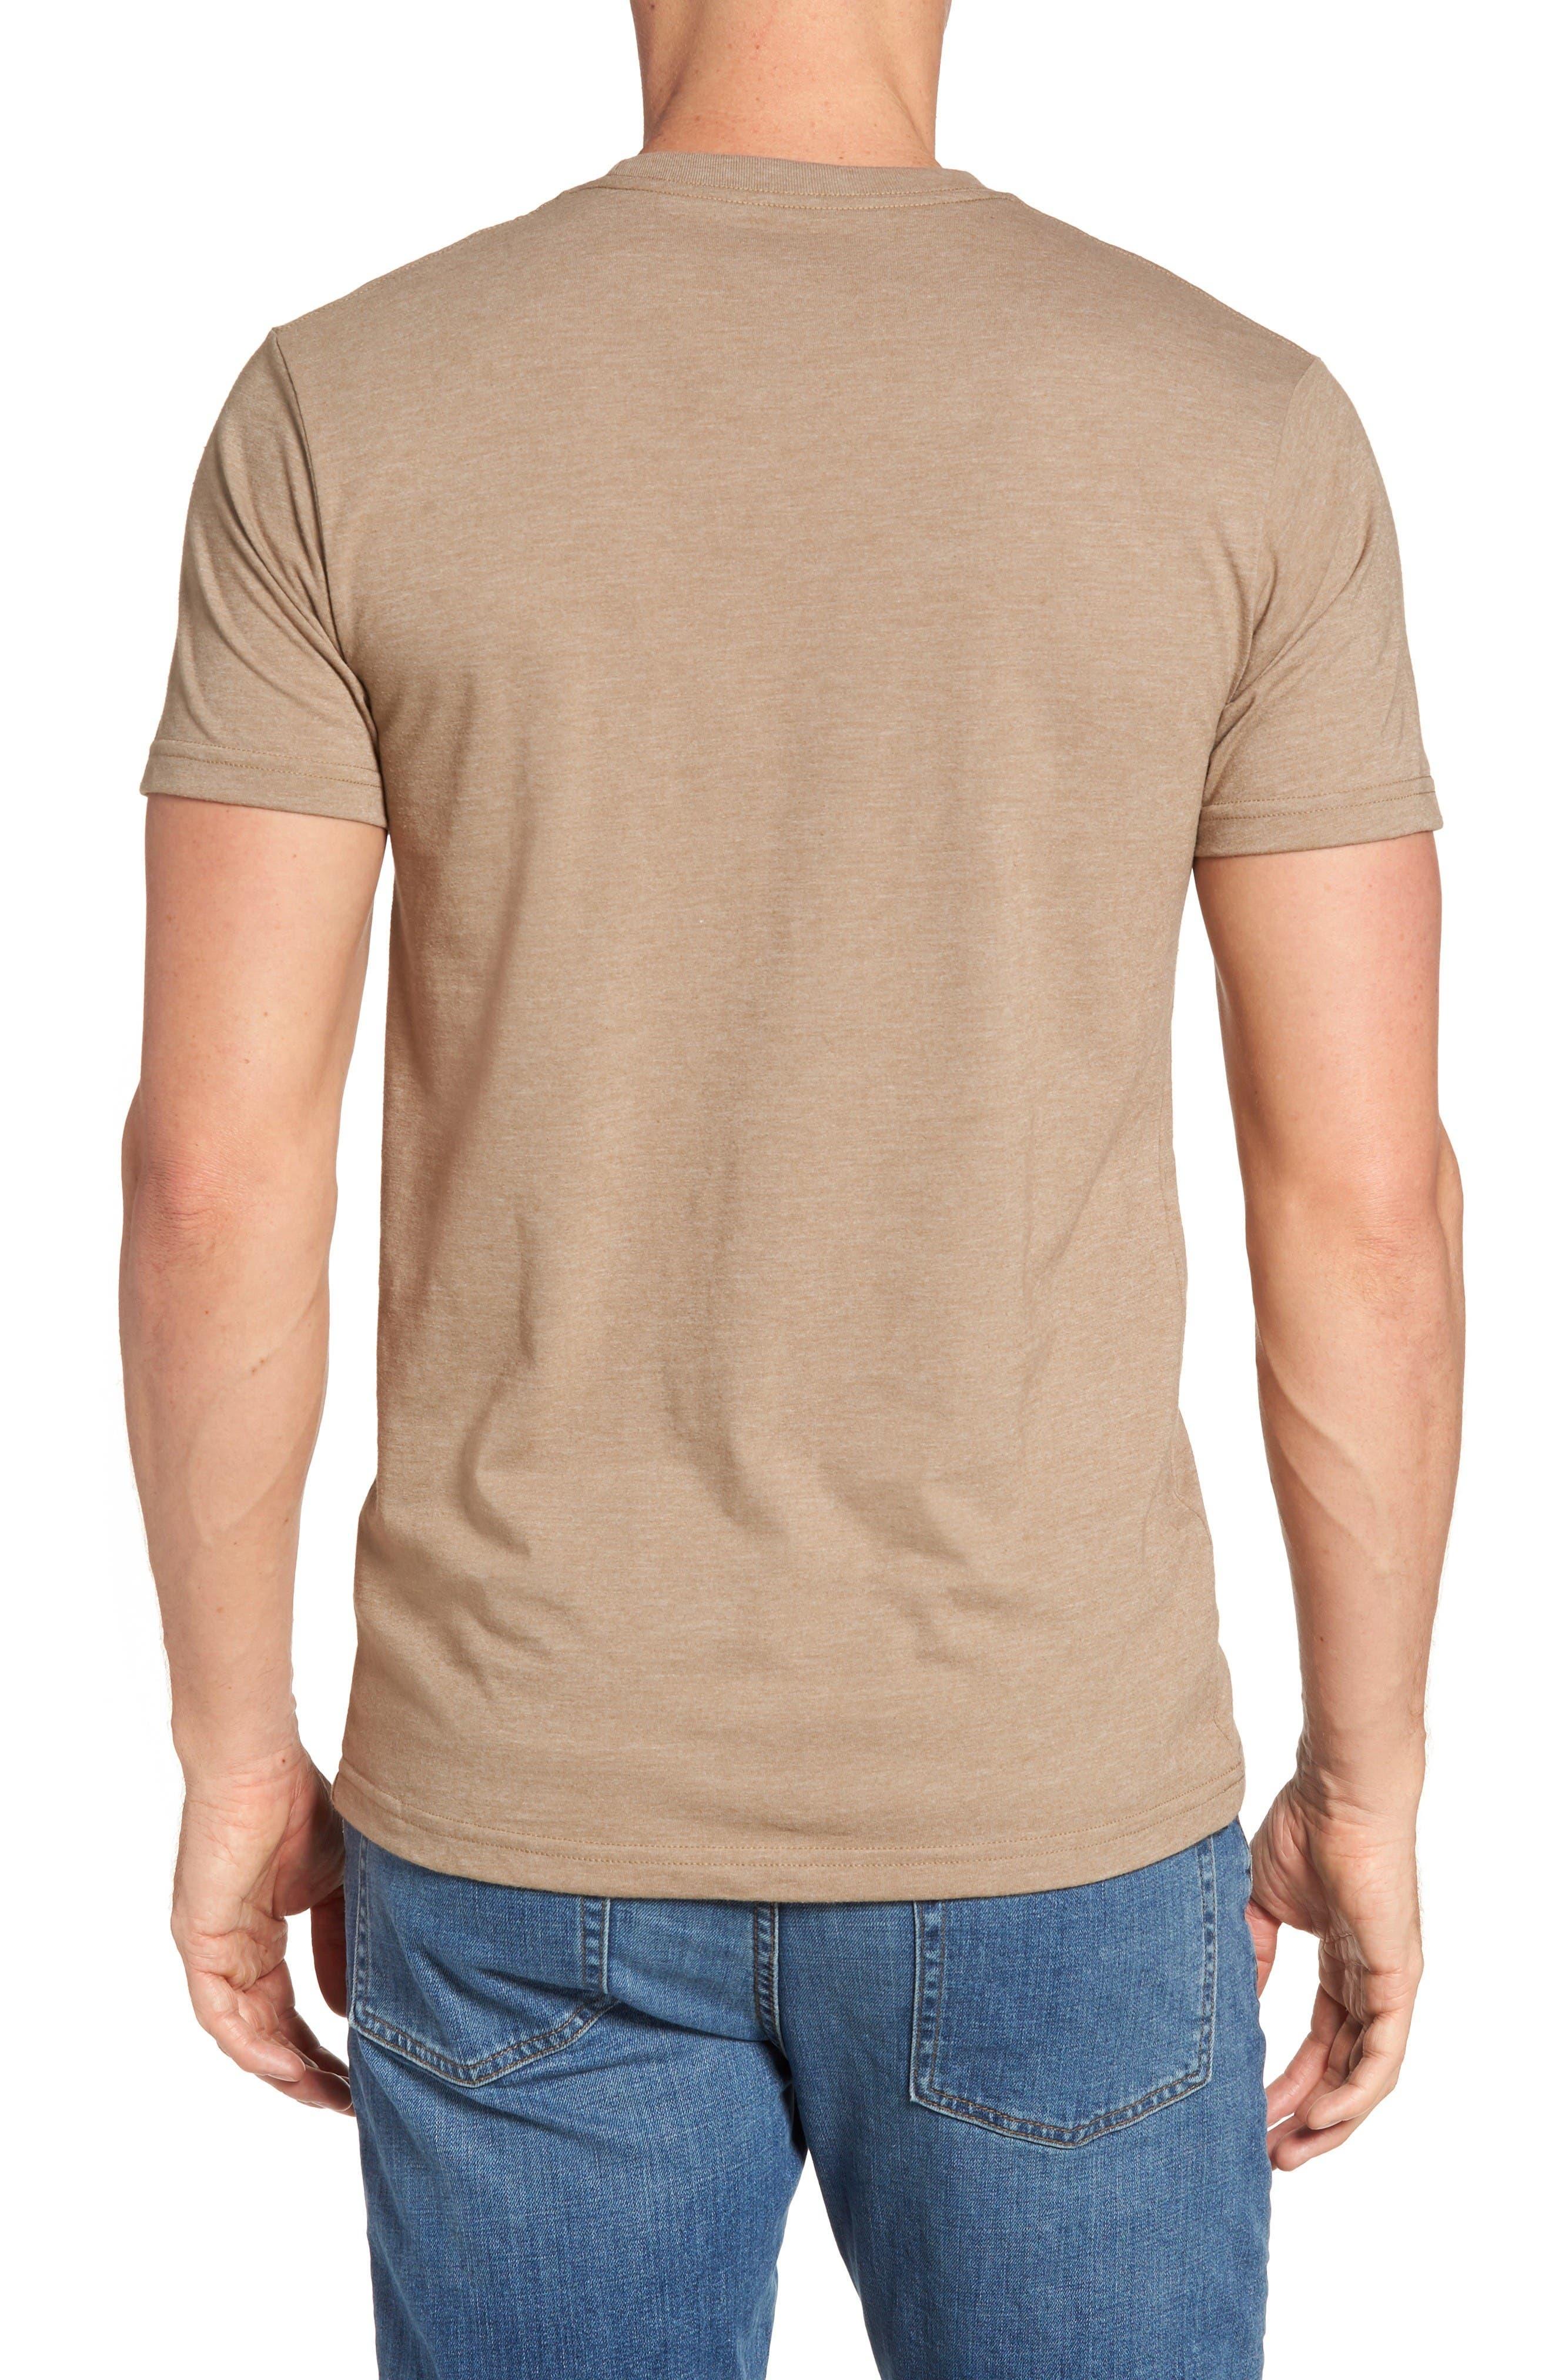 '73 Logo Regular Fit T-Shirt,                             Alternate thumbnail 2, color,                             Mojave Khaki